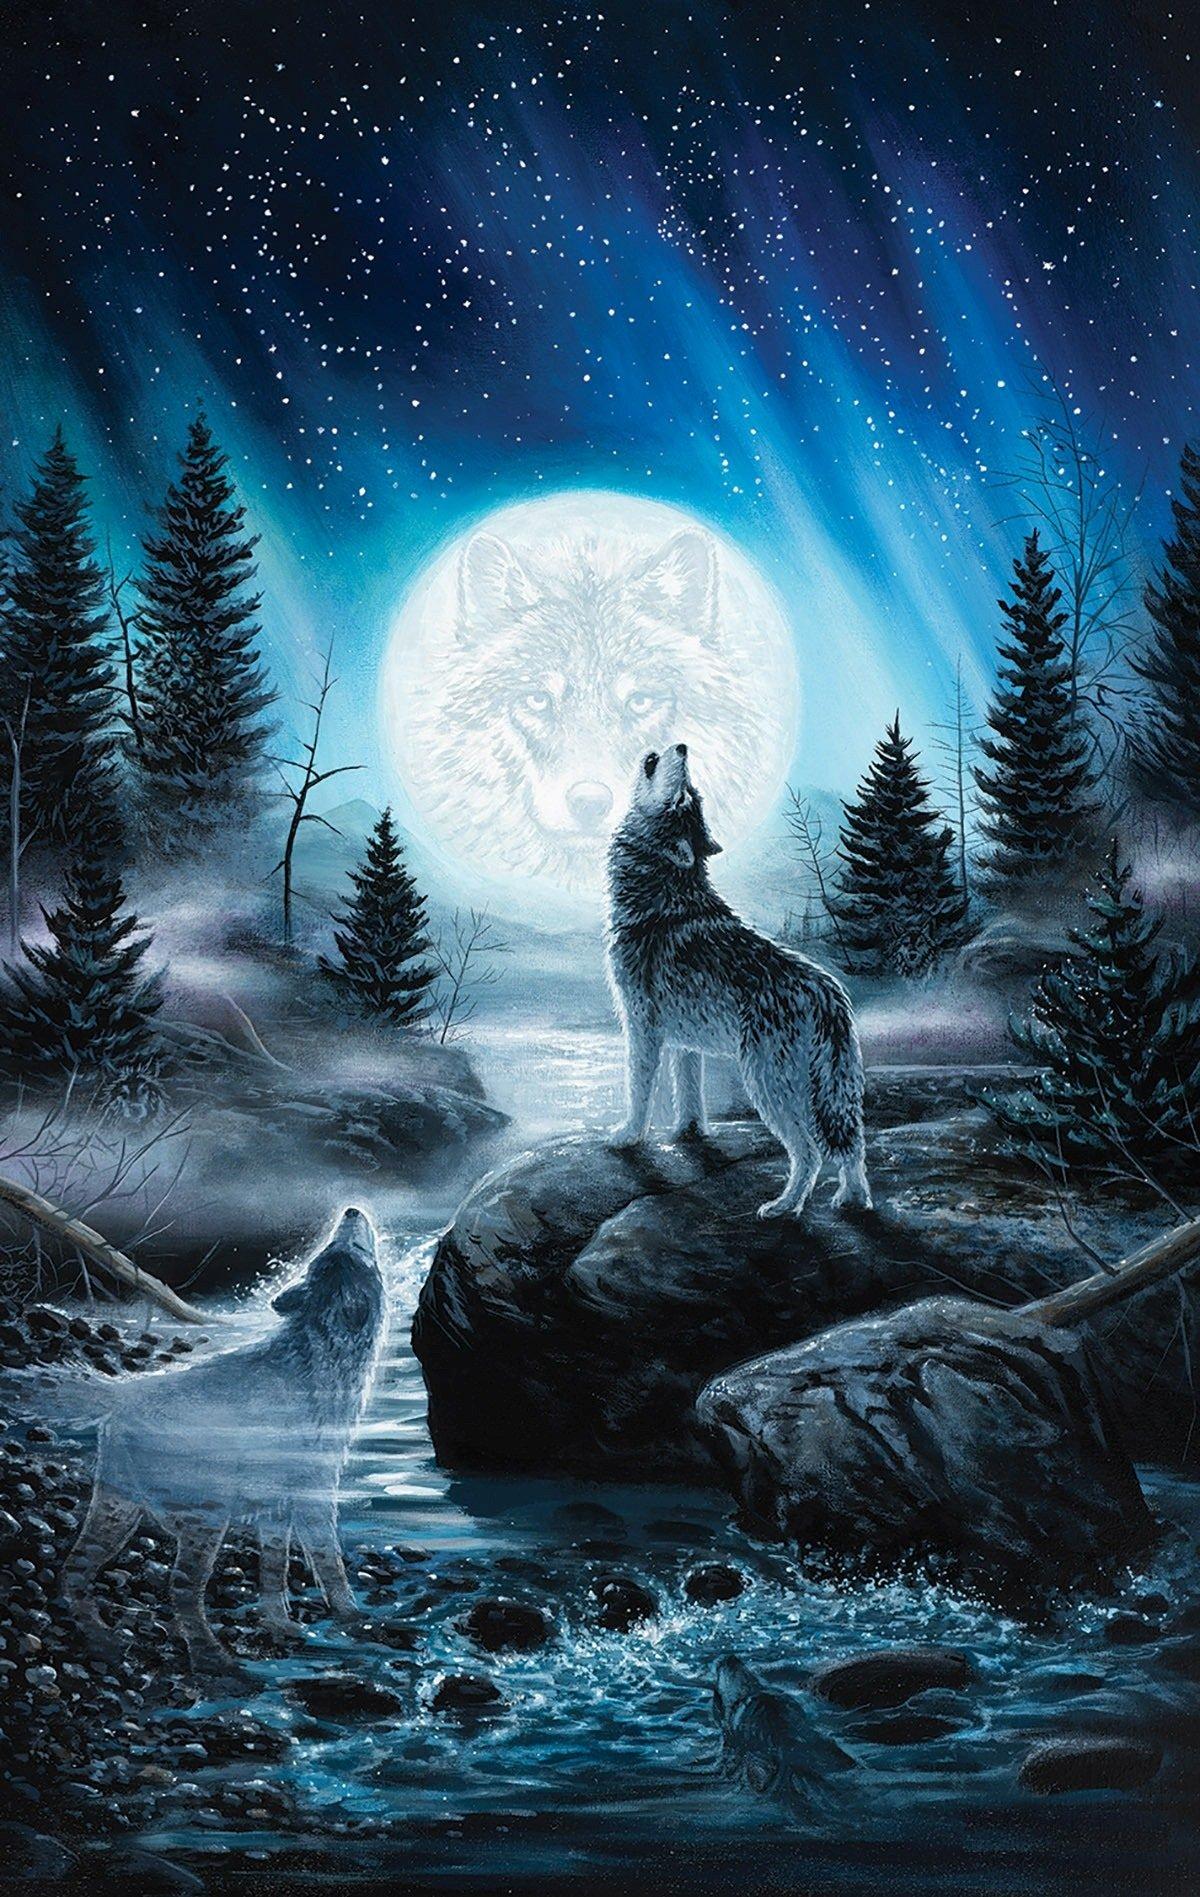 Howling Wolf Wallpaper iPhone 2019 3D iPhone Wallpaper 1200x1897